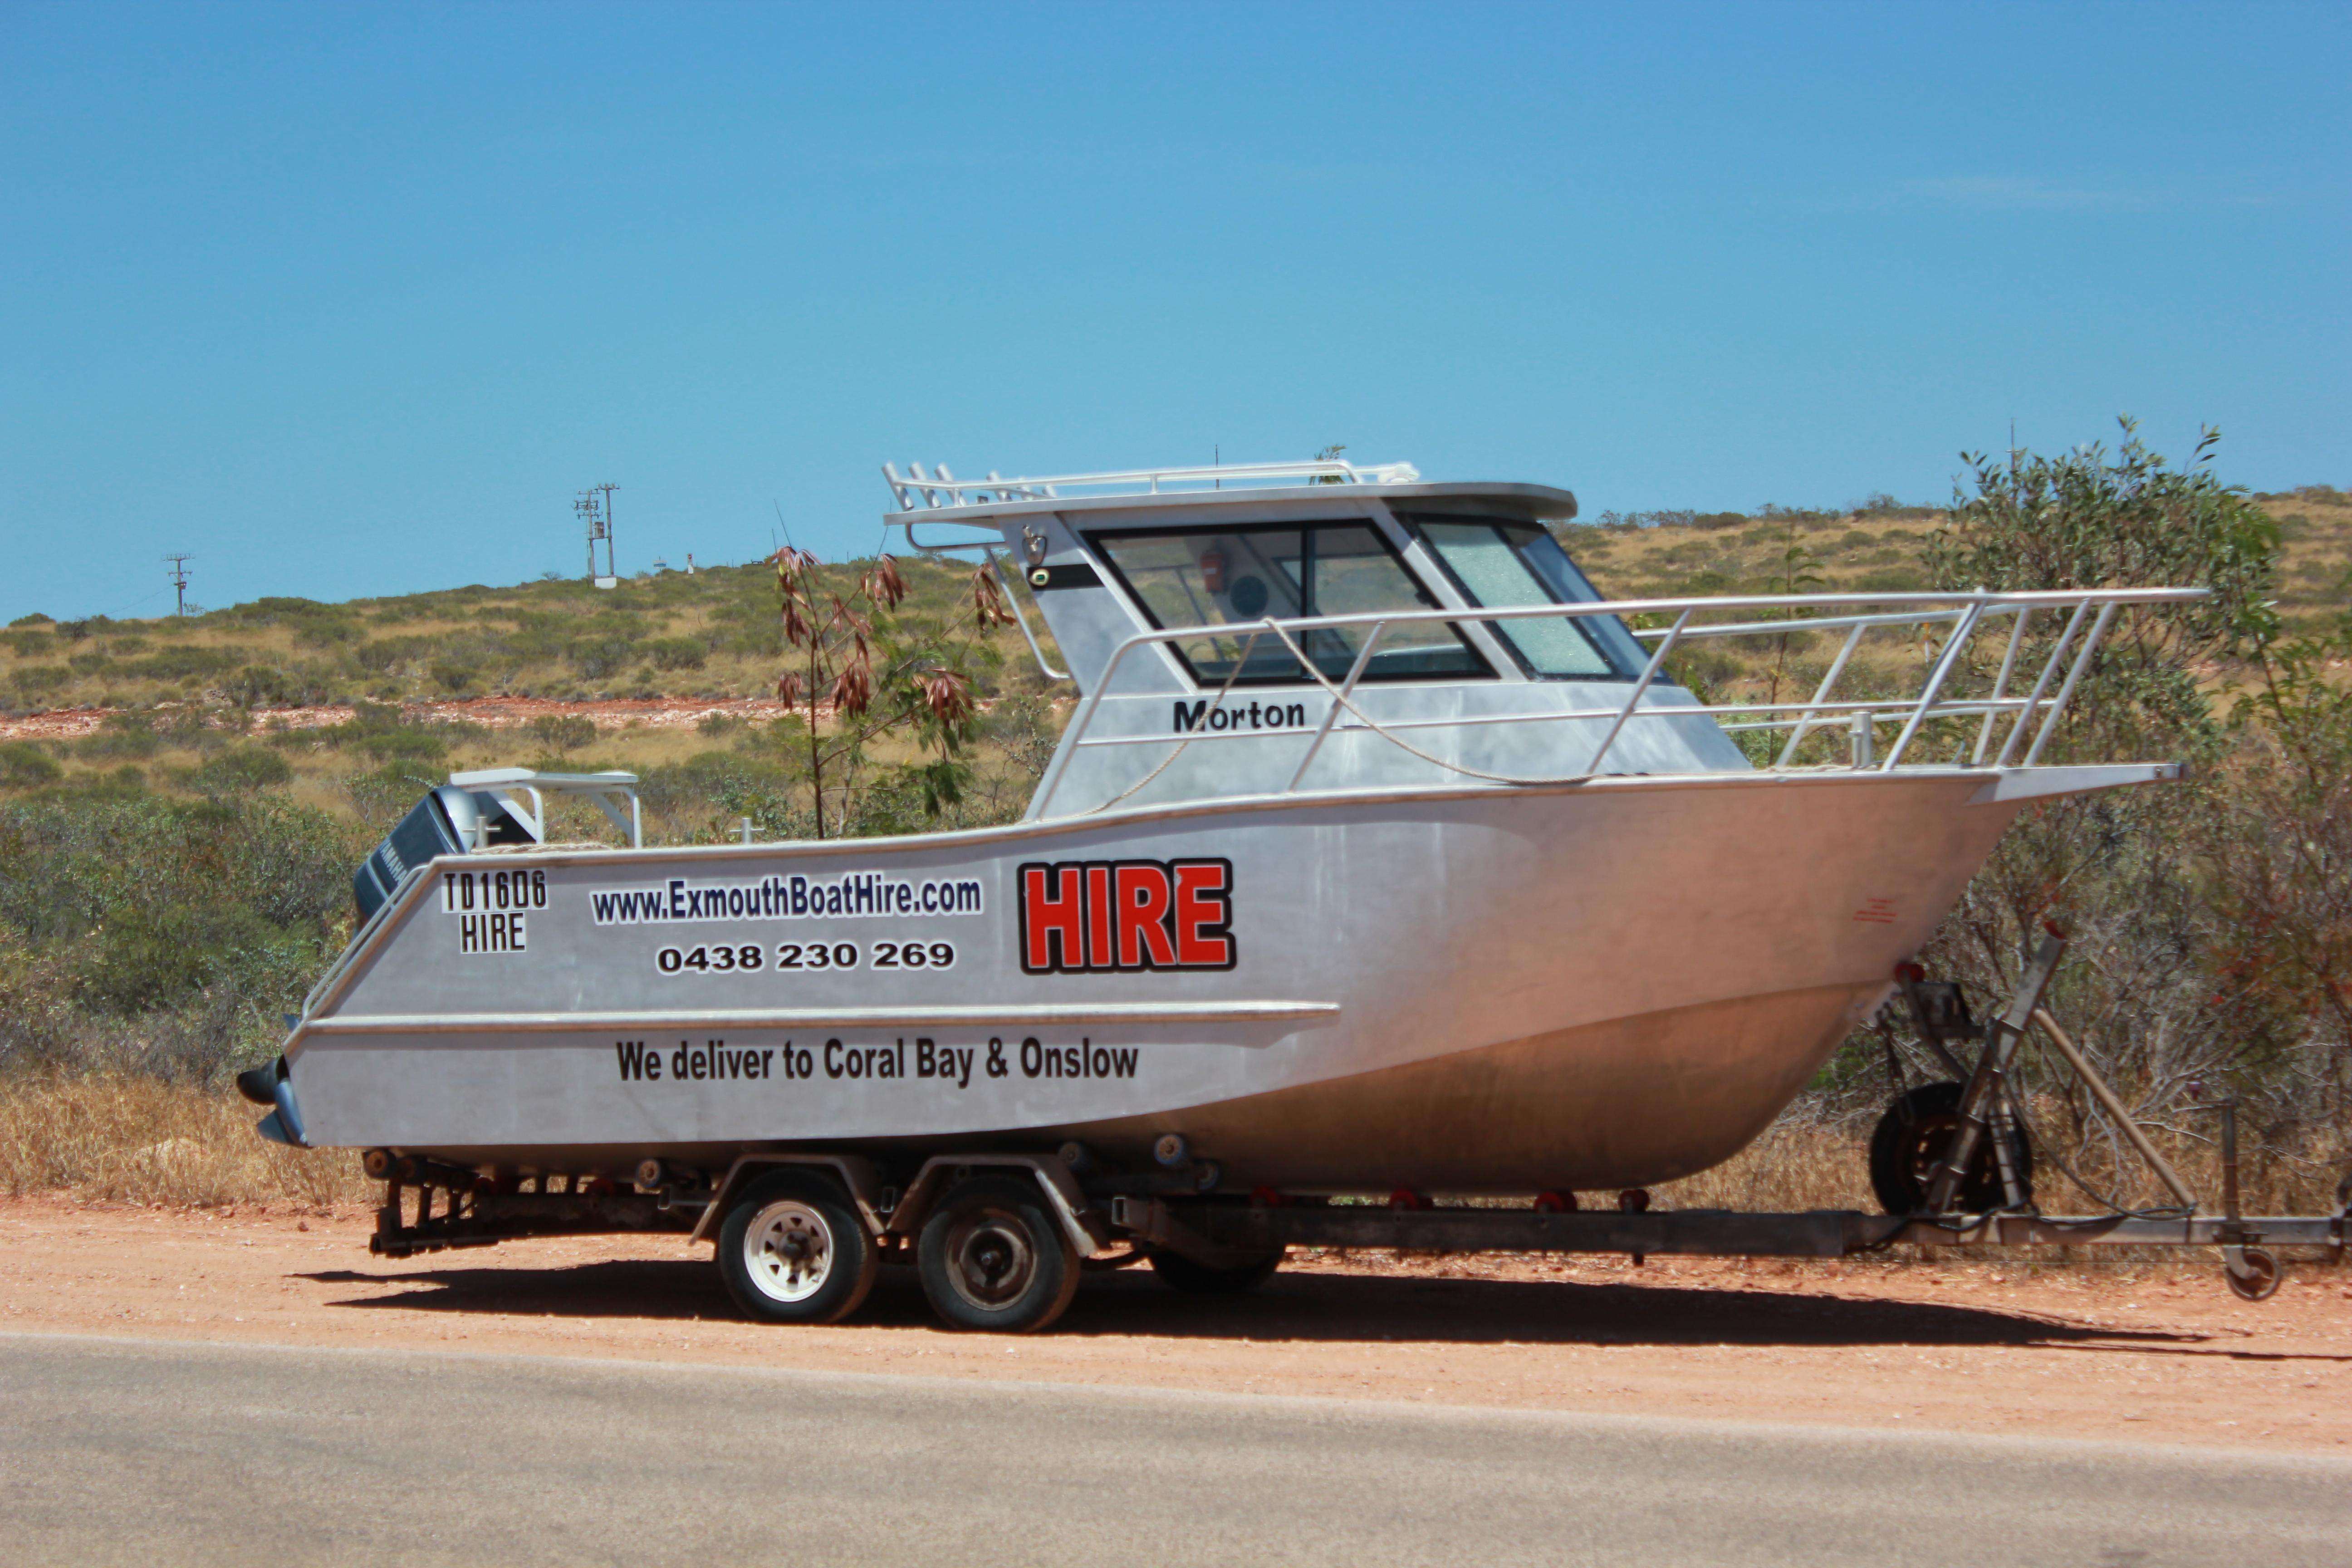 7m hire boat